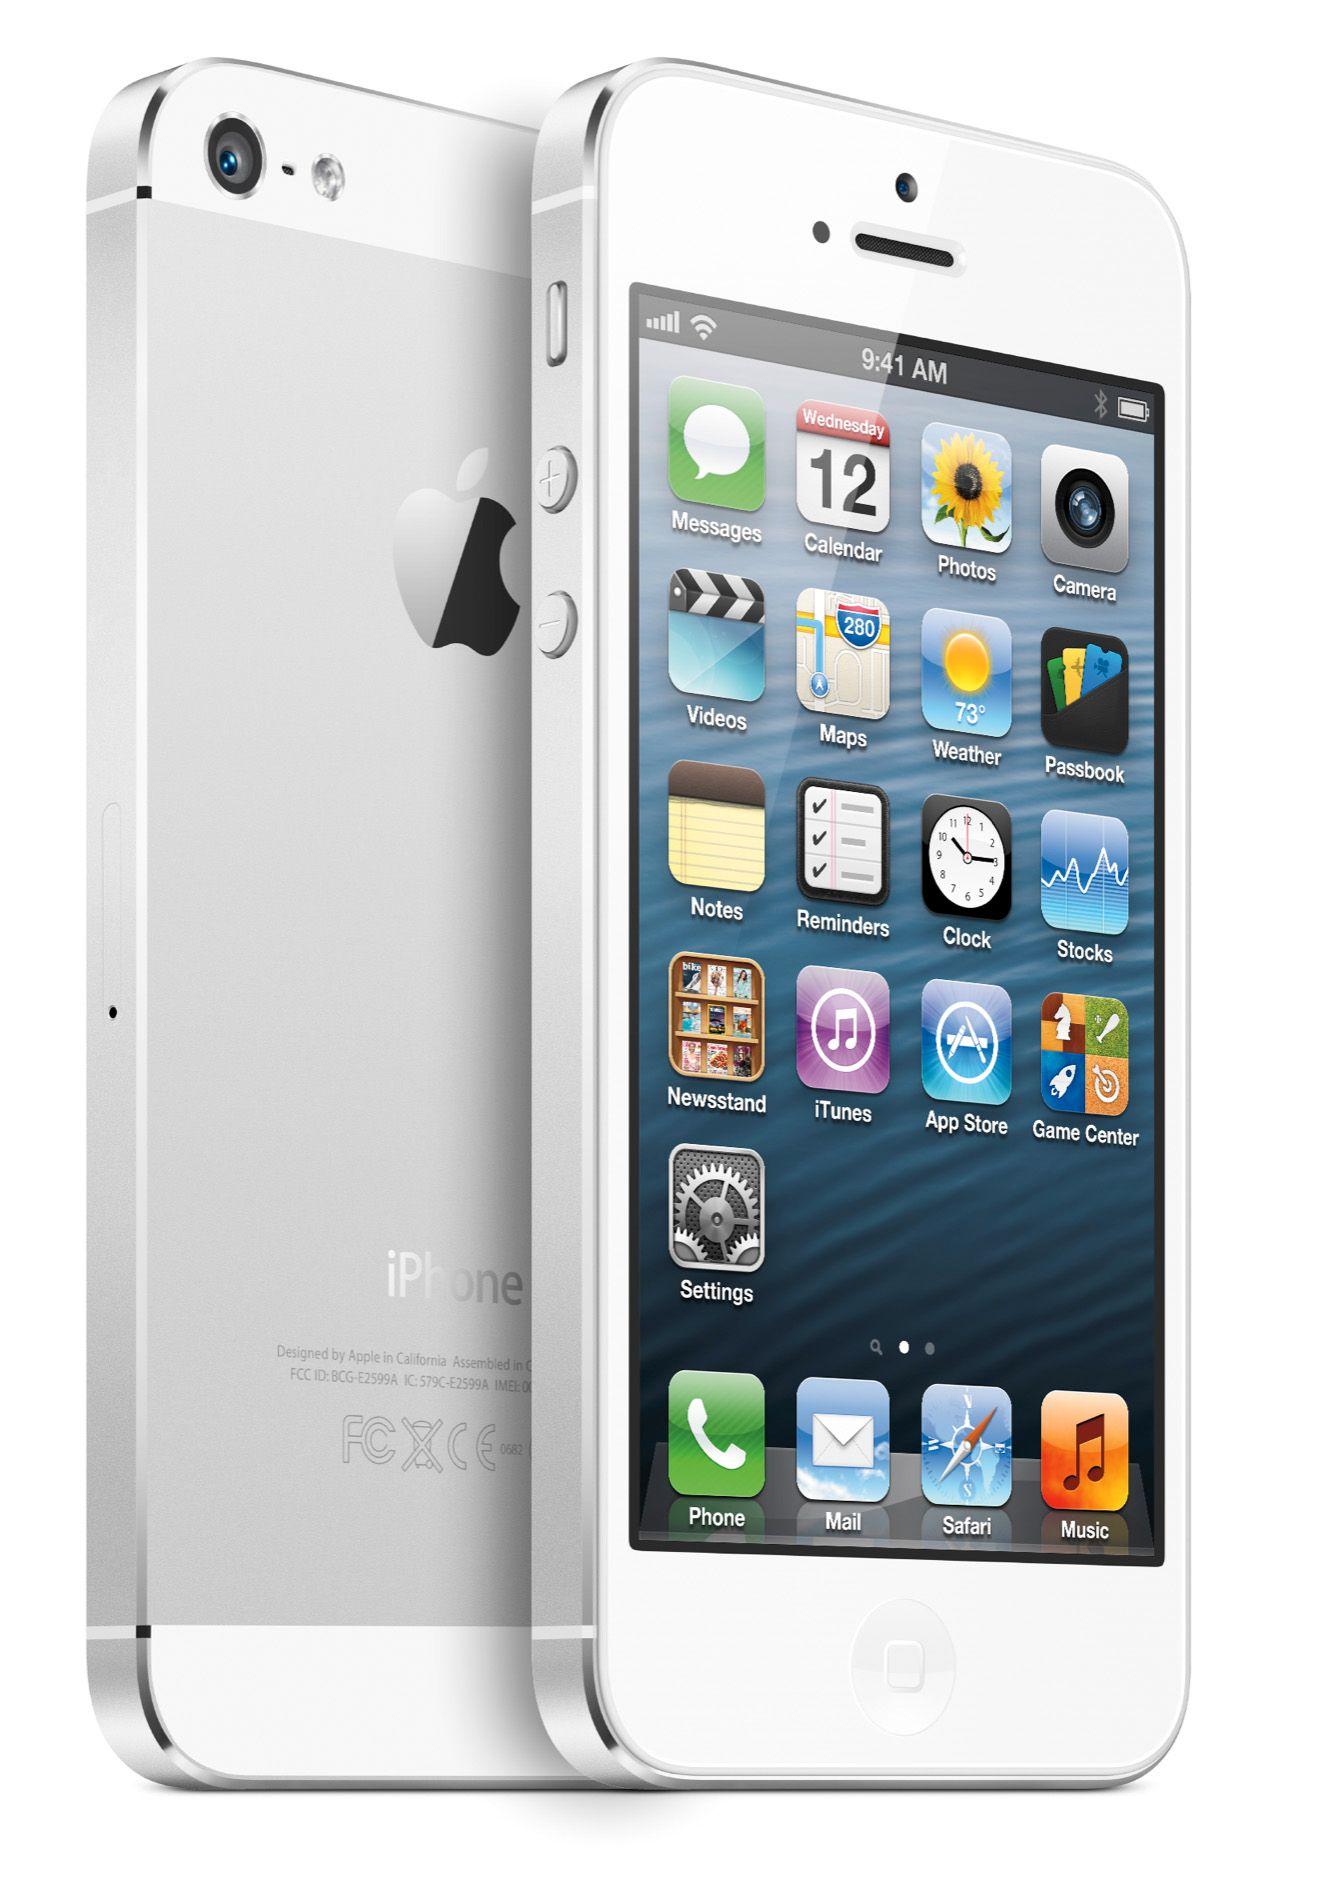 Apple iPhone 5 er ett av produktene som kunne blitt stoppet, hadde Google-eide Motorola vunnet frem med søksmålet.